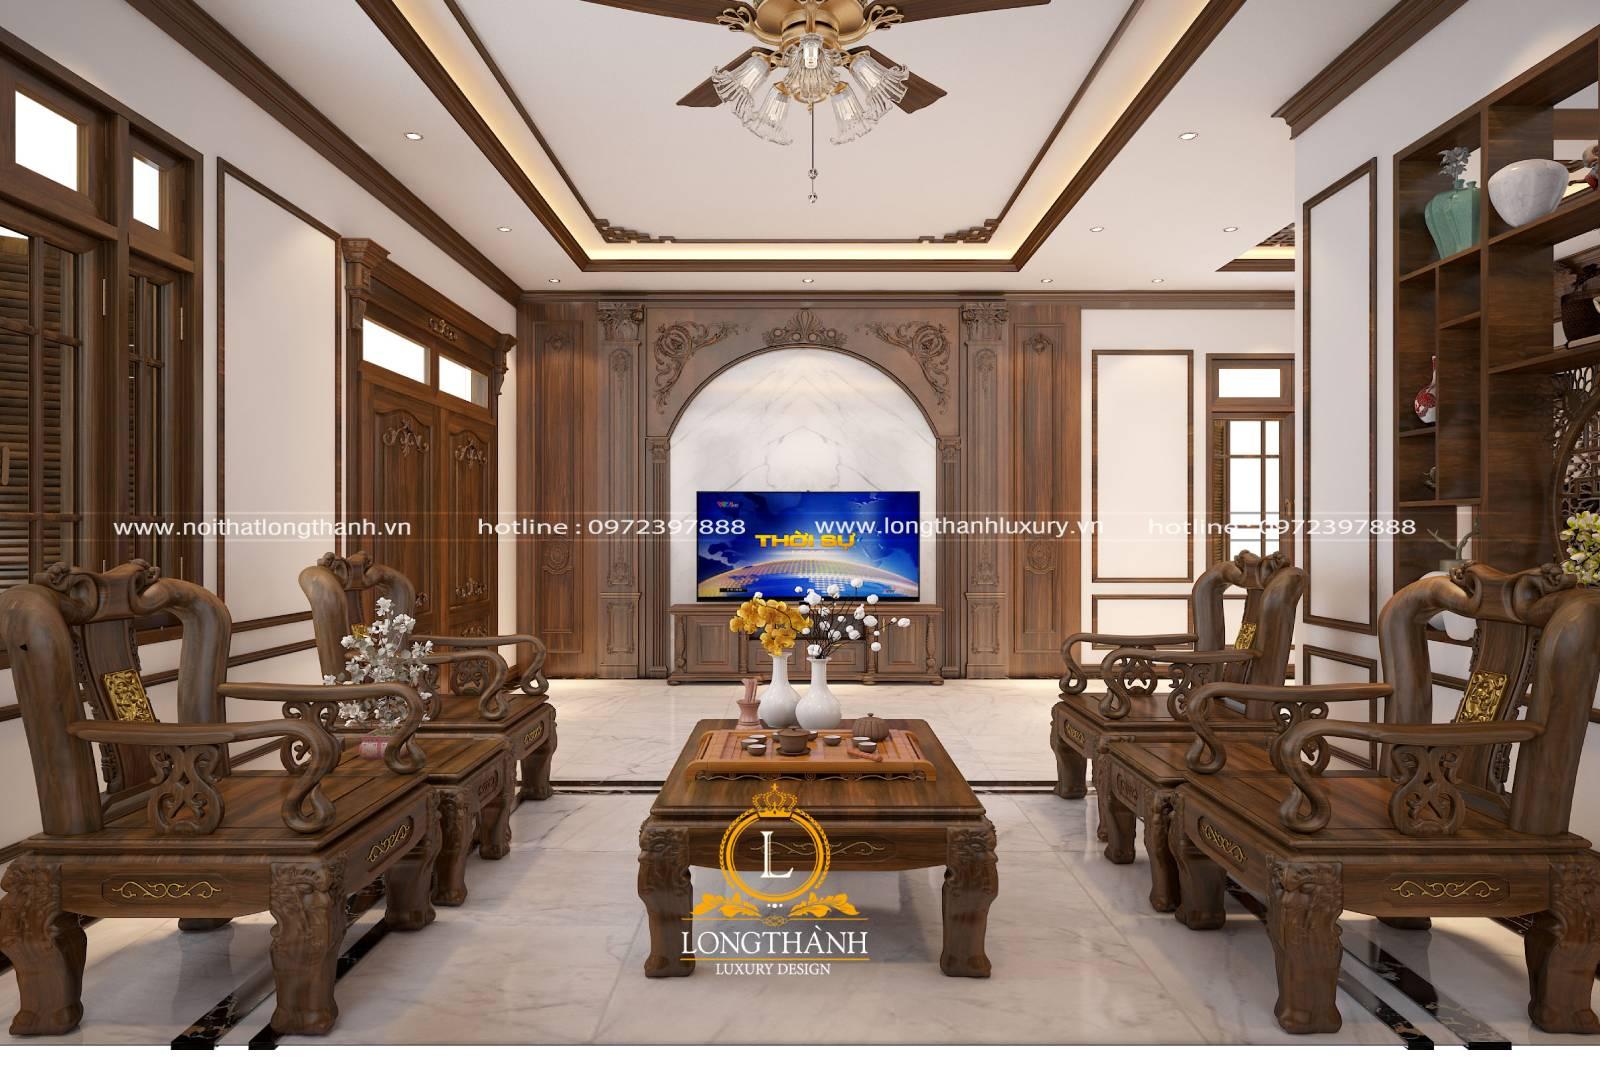 Sofa phòng khách cổ điển với chất liệu gỗ cao cấp